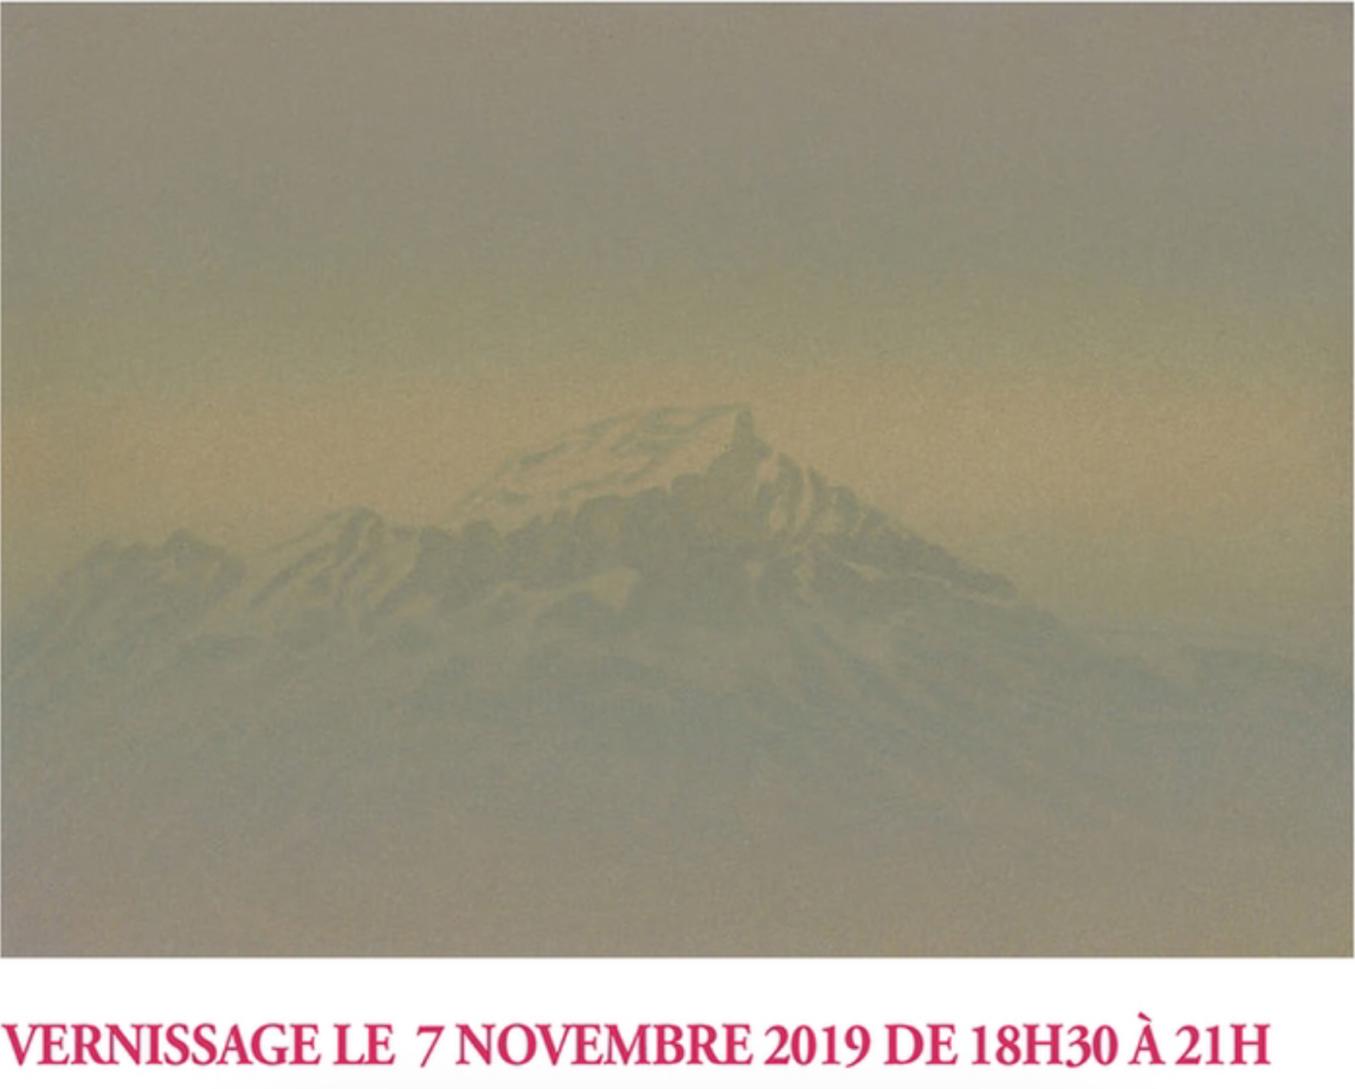 «HORS PISTE» Une exposition collective à la Galerie Regard Sud à Lyon, du 7 novembre au 28 décembre.<p class='ctp-wud-title' style= 'font-family:inherit; font-size: 12px; line-height: 13px; margin: 0px; margin-top: 4px;'><span class='wudicon wudicon-category' style='font-size: 12px;'>  </span><a href=